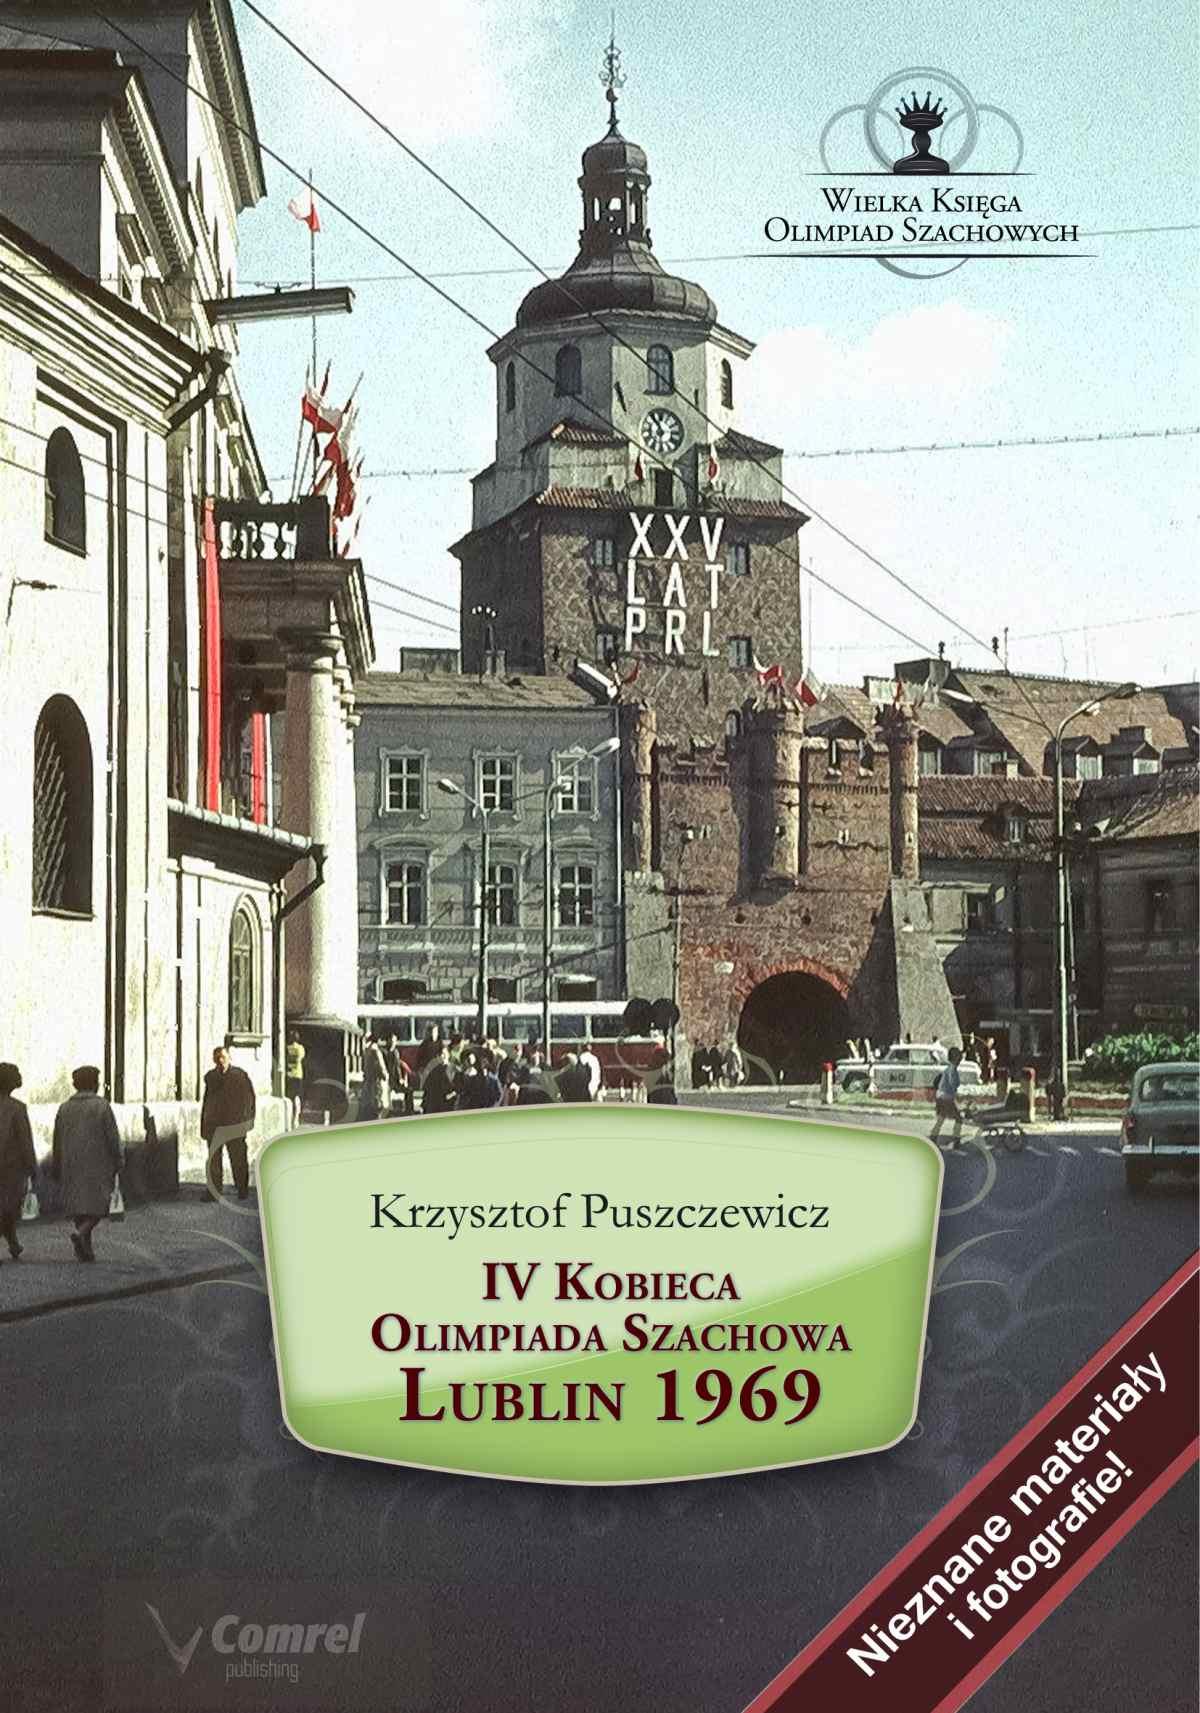 IV Kobieca Olimpiada Szachowa - Lublin 1969 - Ebook (Książka PDF) do pobrania w formacie PDF